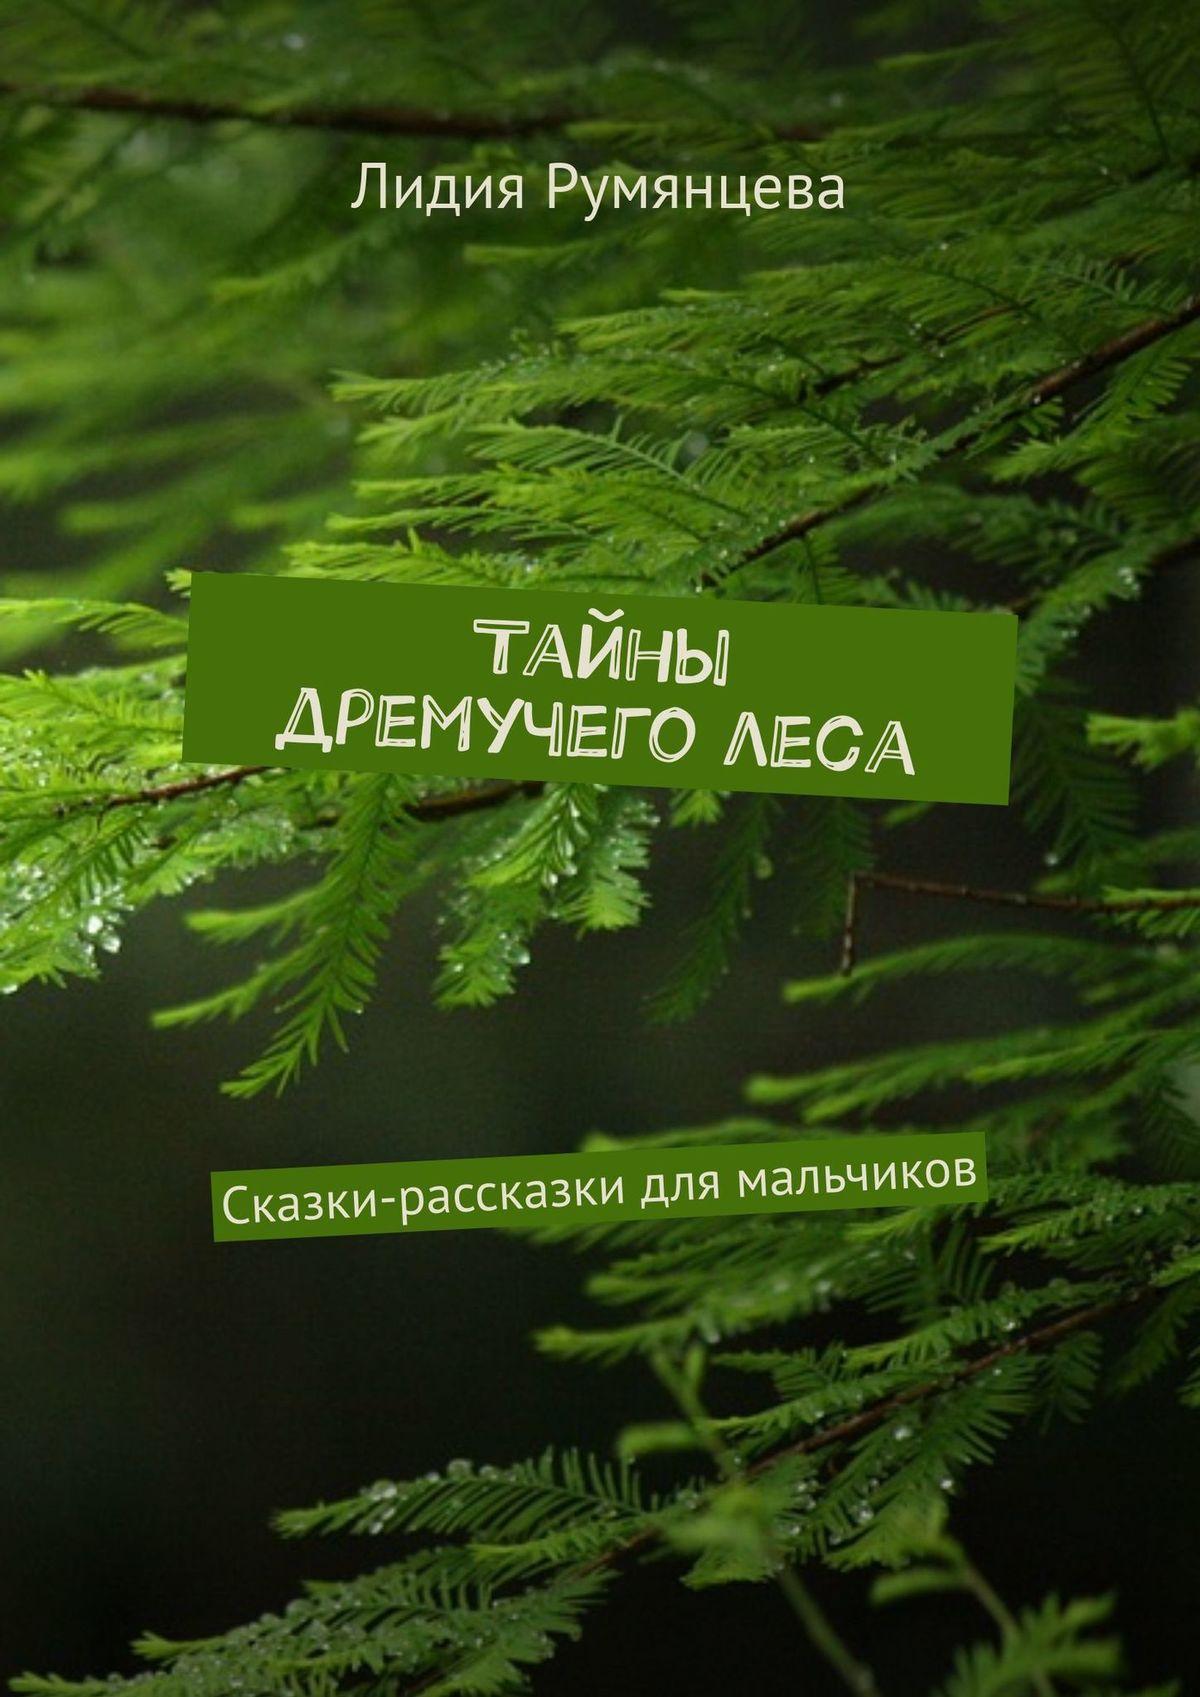 Лидия Румянцева Тайны дремучего леса. Сказки для мальчиков сказки для мальчиков